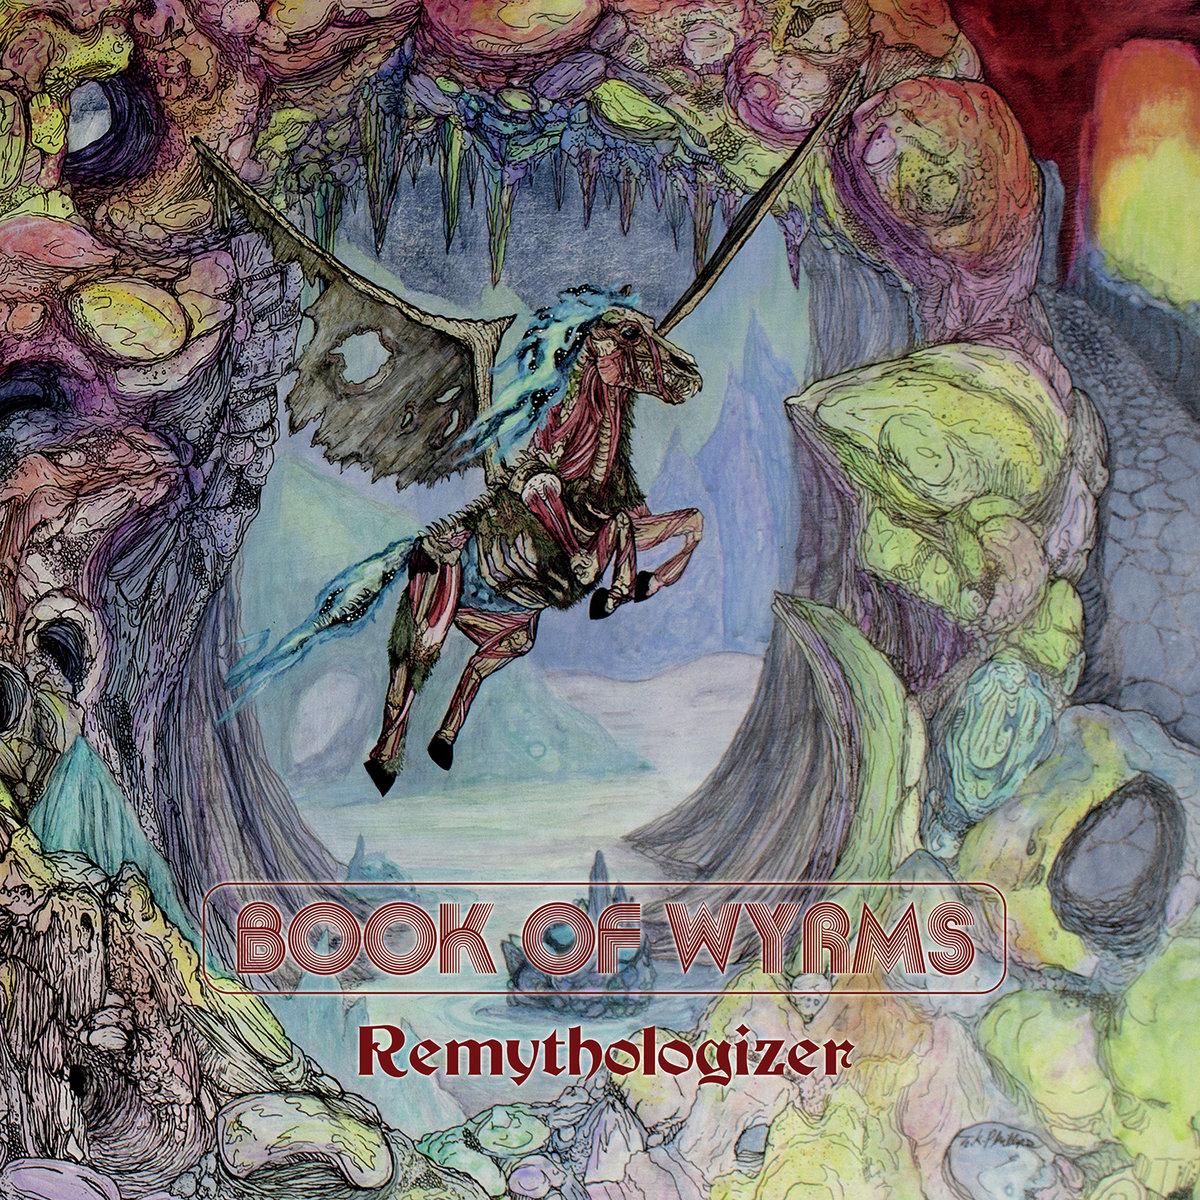 Book of Wyrms Remythologizer